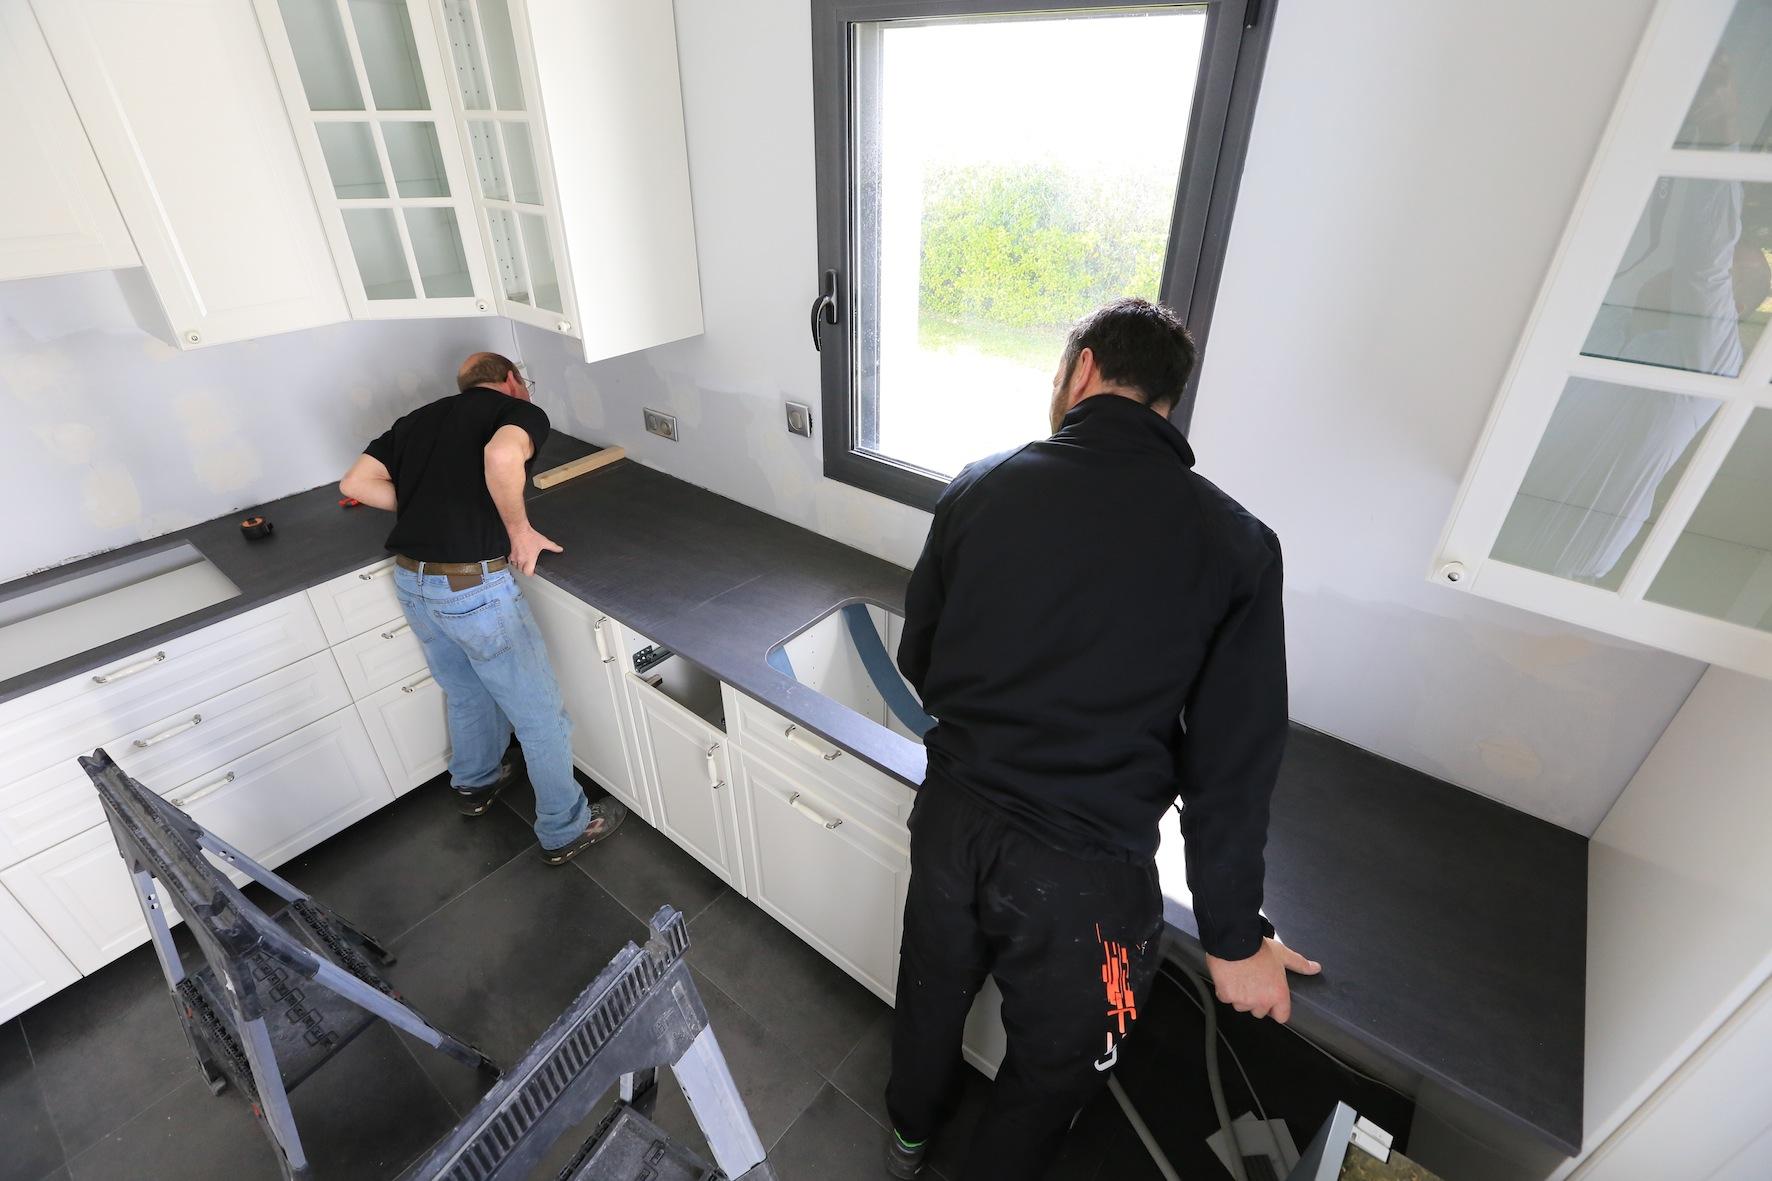 Hotte Sortant Du Plan De Travail réinventer sa cuisine avant/après - decorer-sa-maison.fr